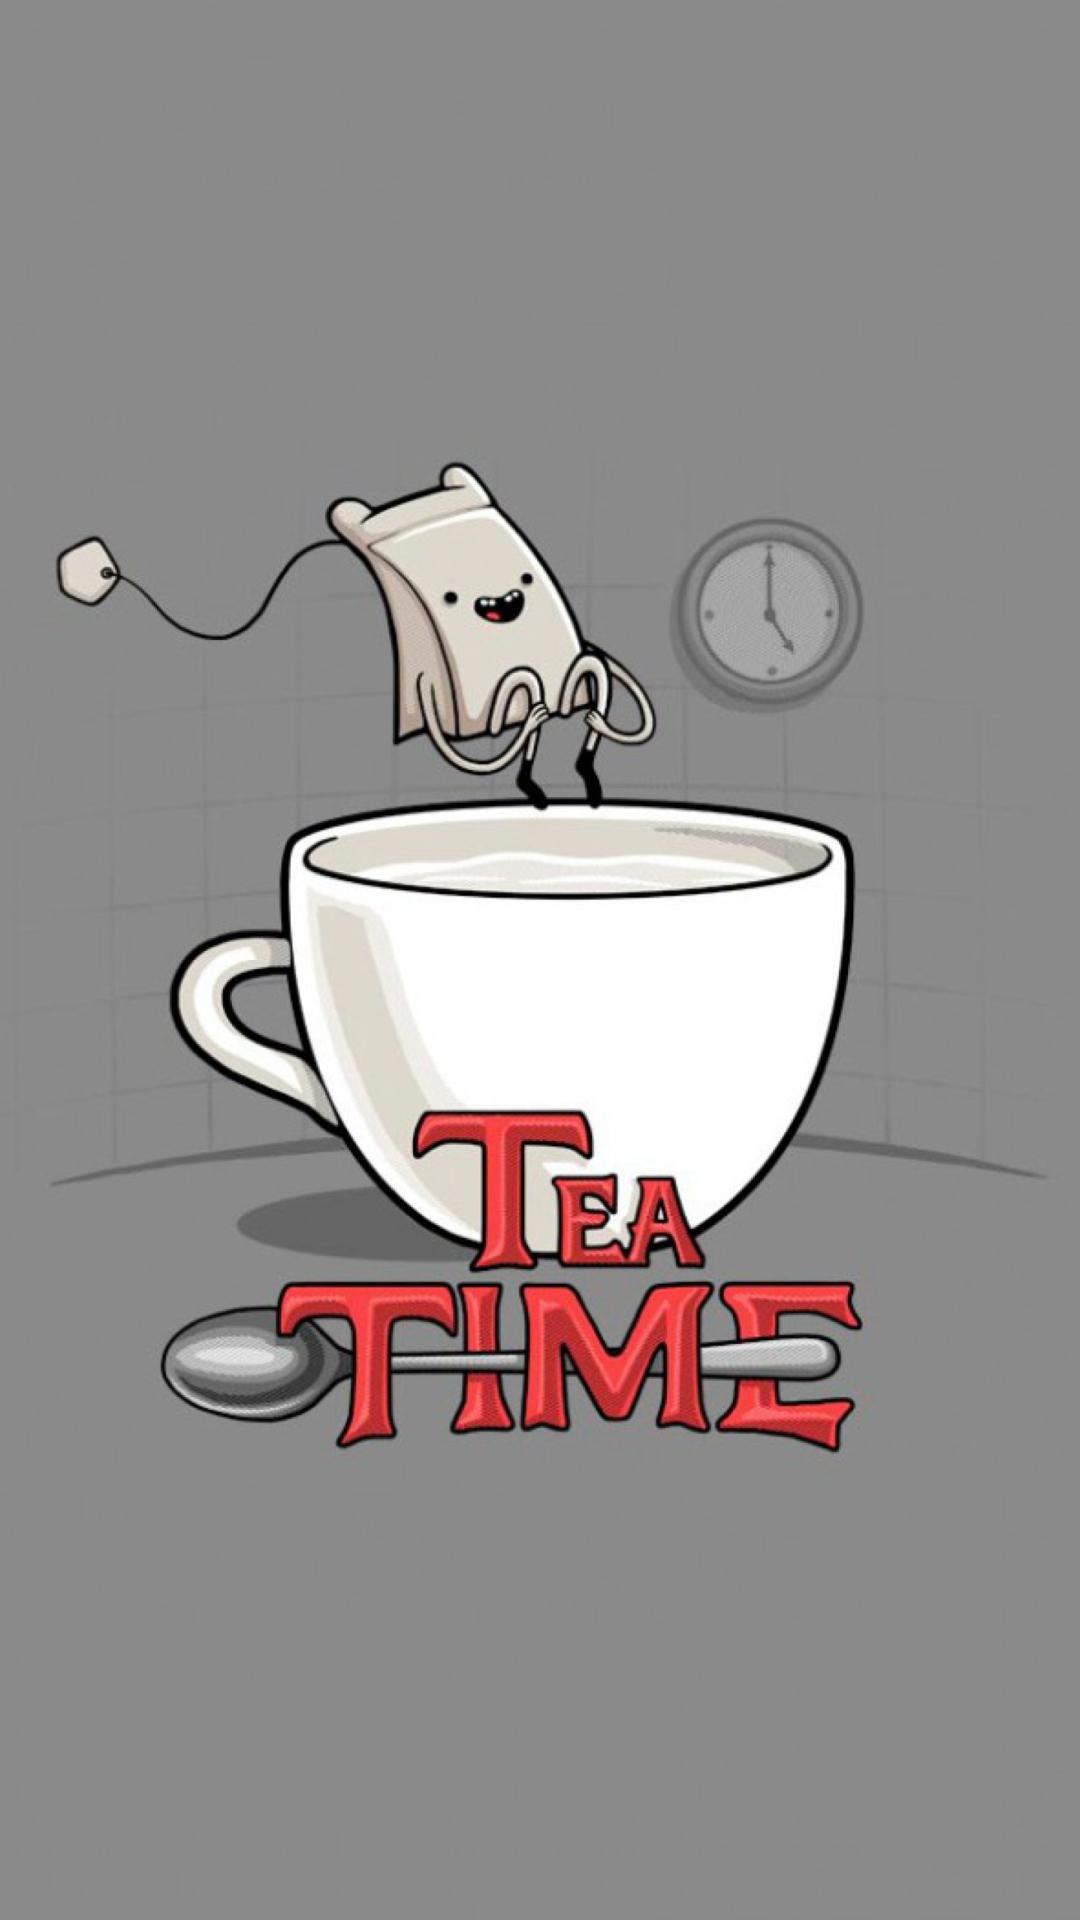 Смешные картинки чая, открытки